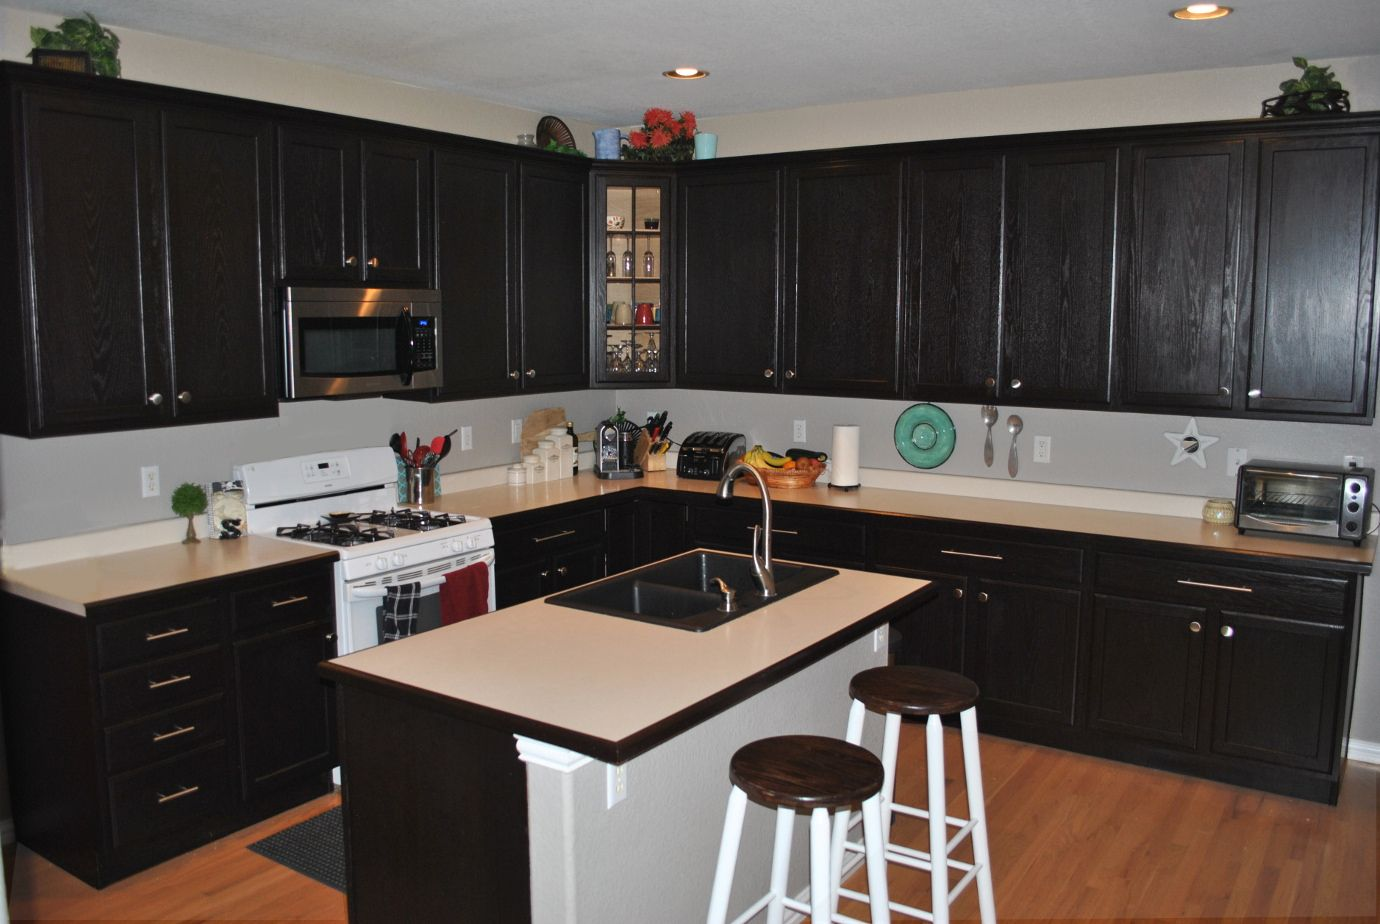 Sie gestalten küchen-design-ideen  schöne schwarze küche kabinette mit dark floors bilder konzept